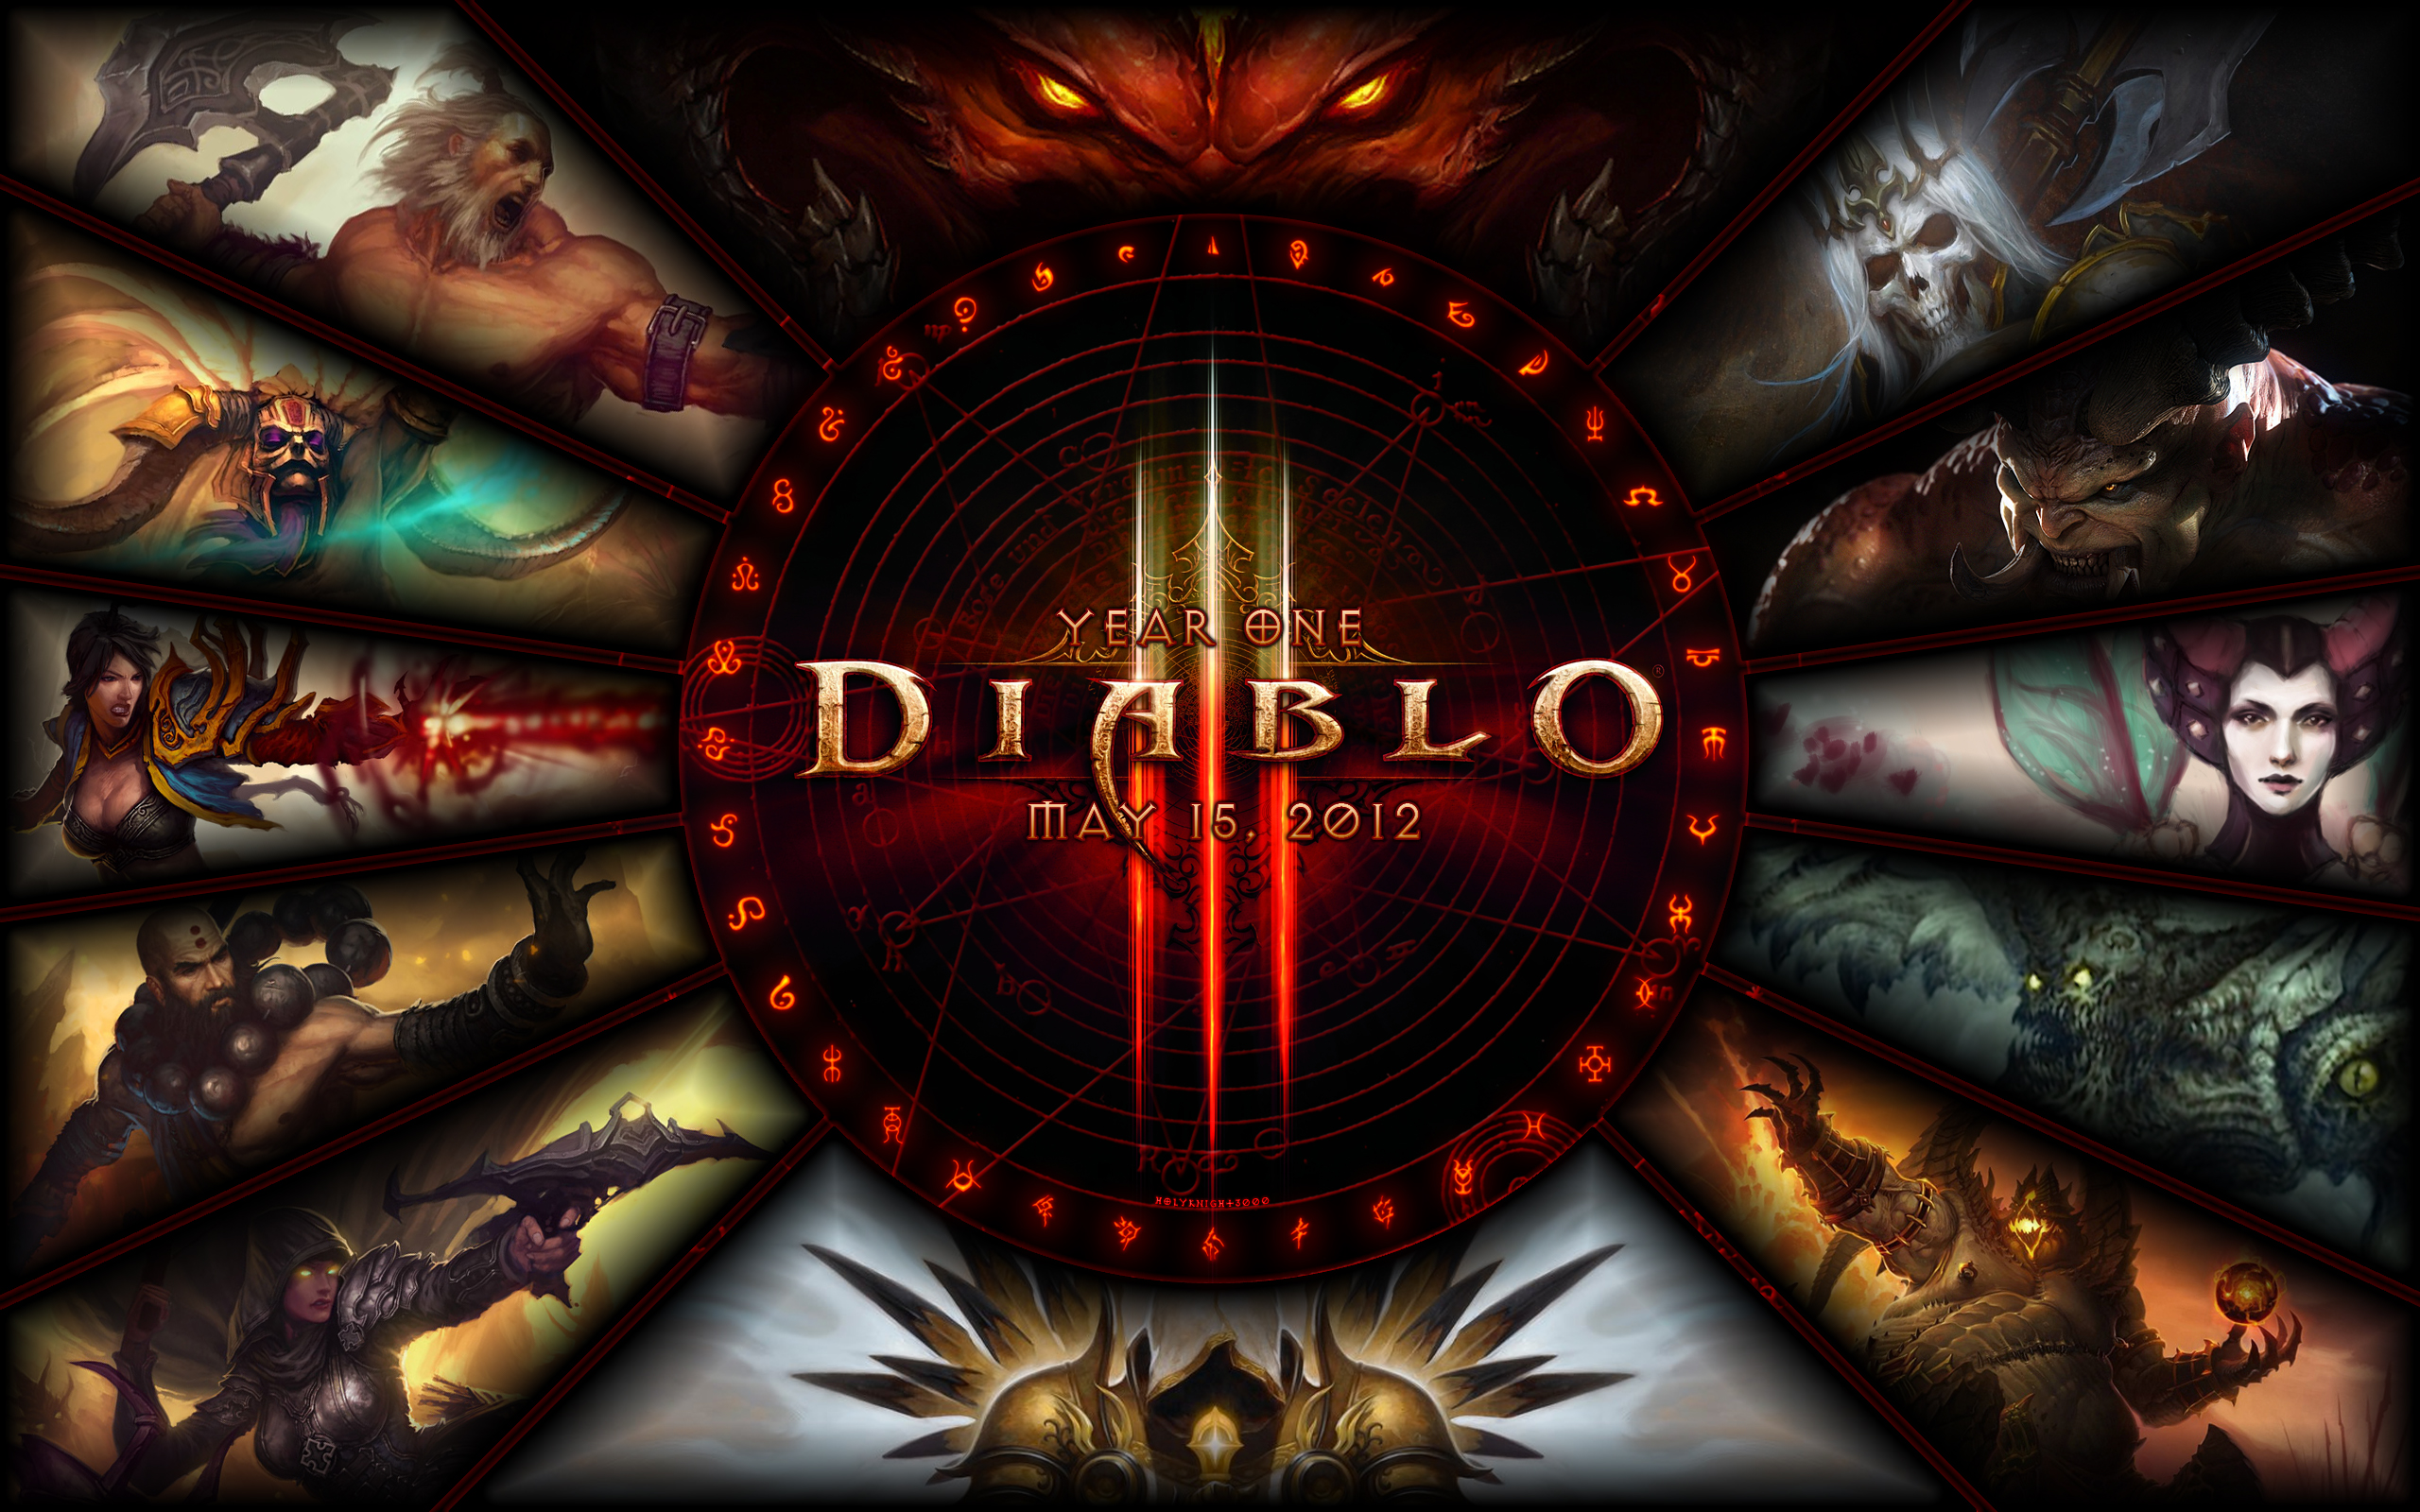 diablo_3___year_one_by_holyknight3000-d64pbyr.jpg